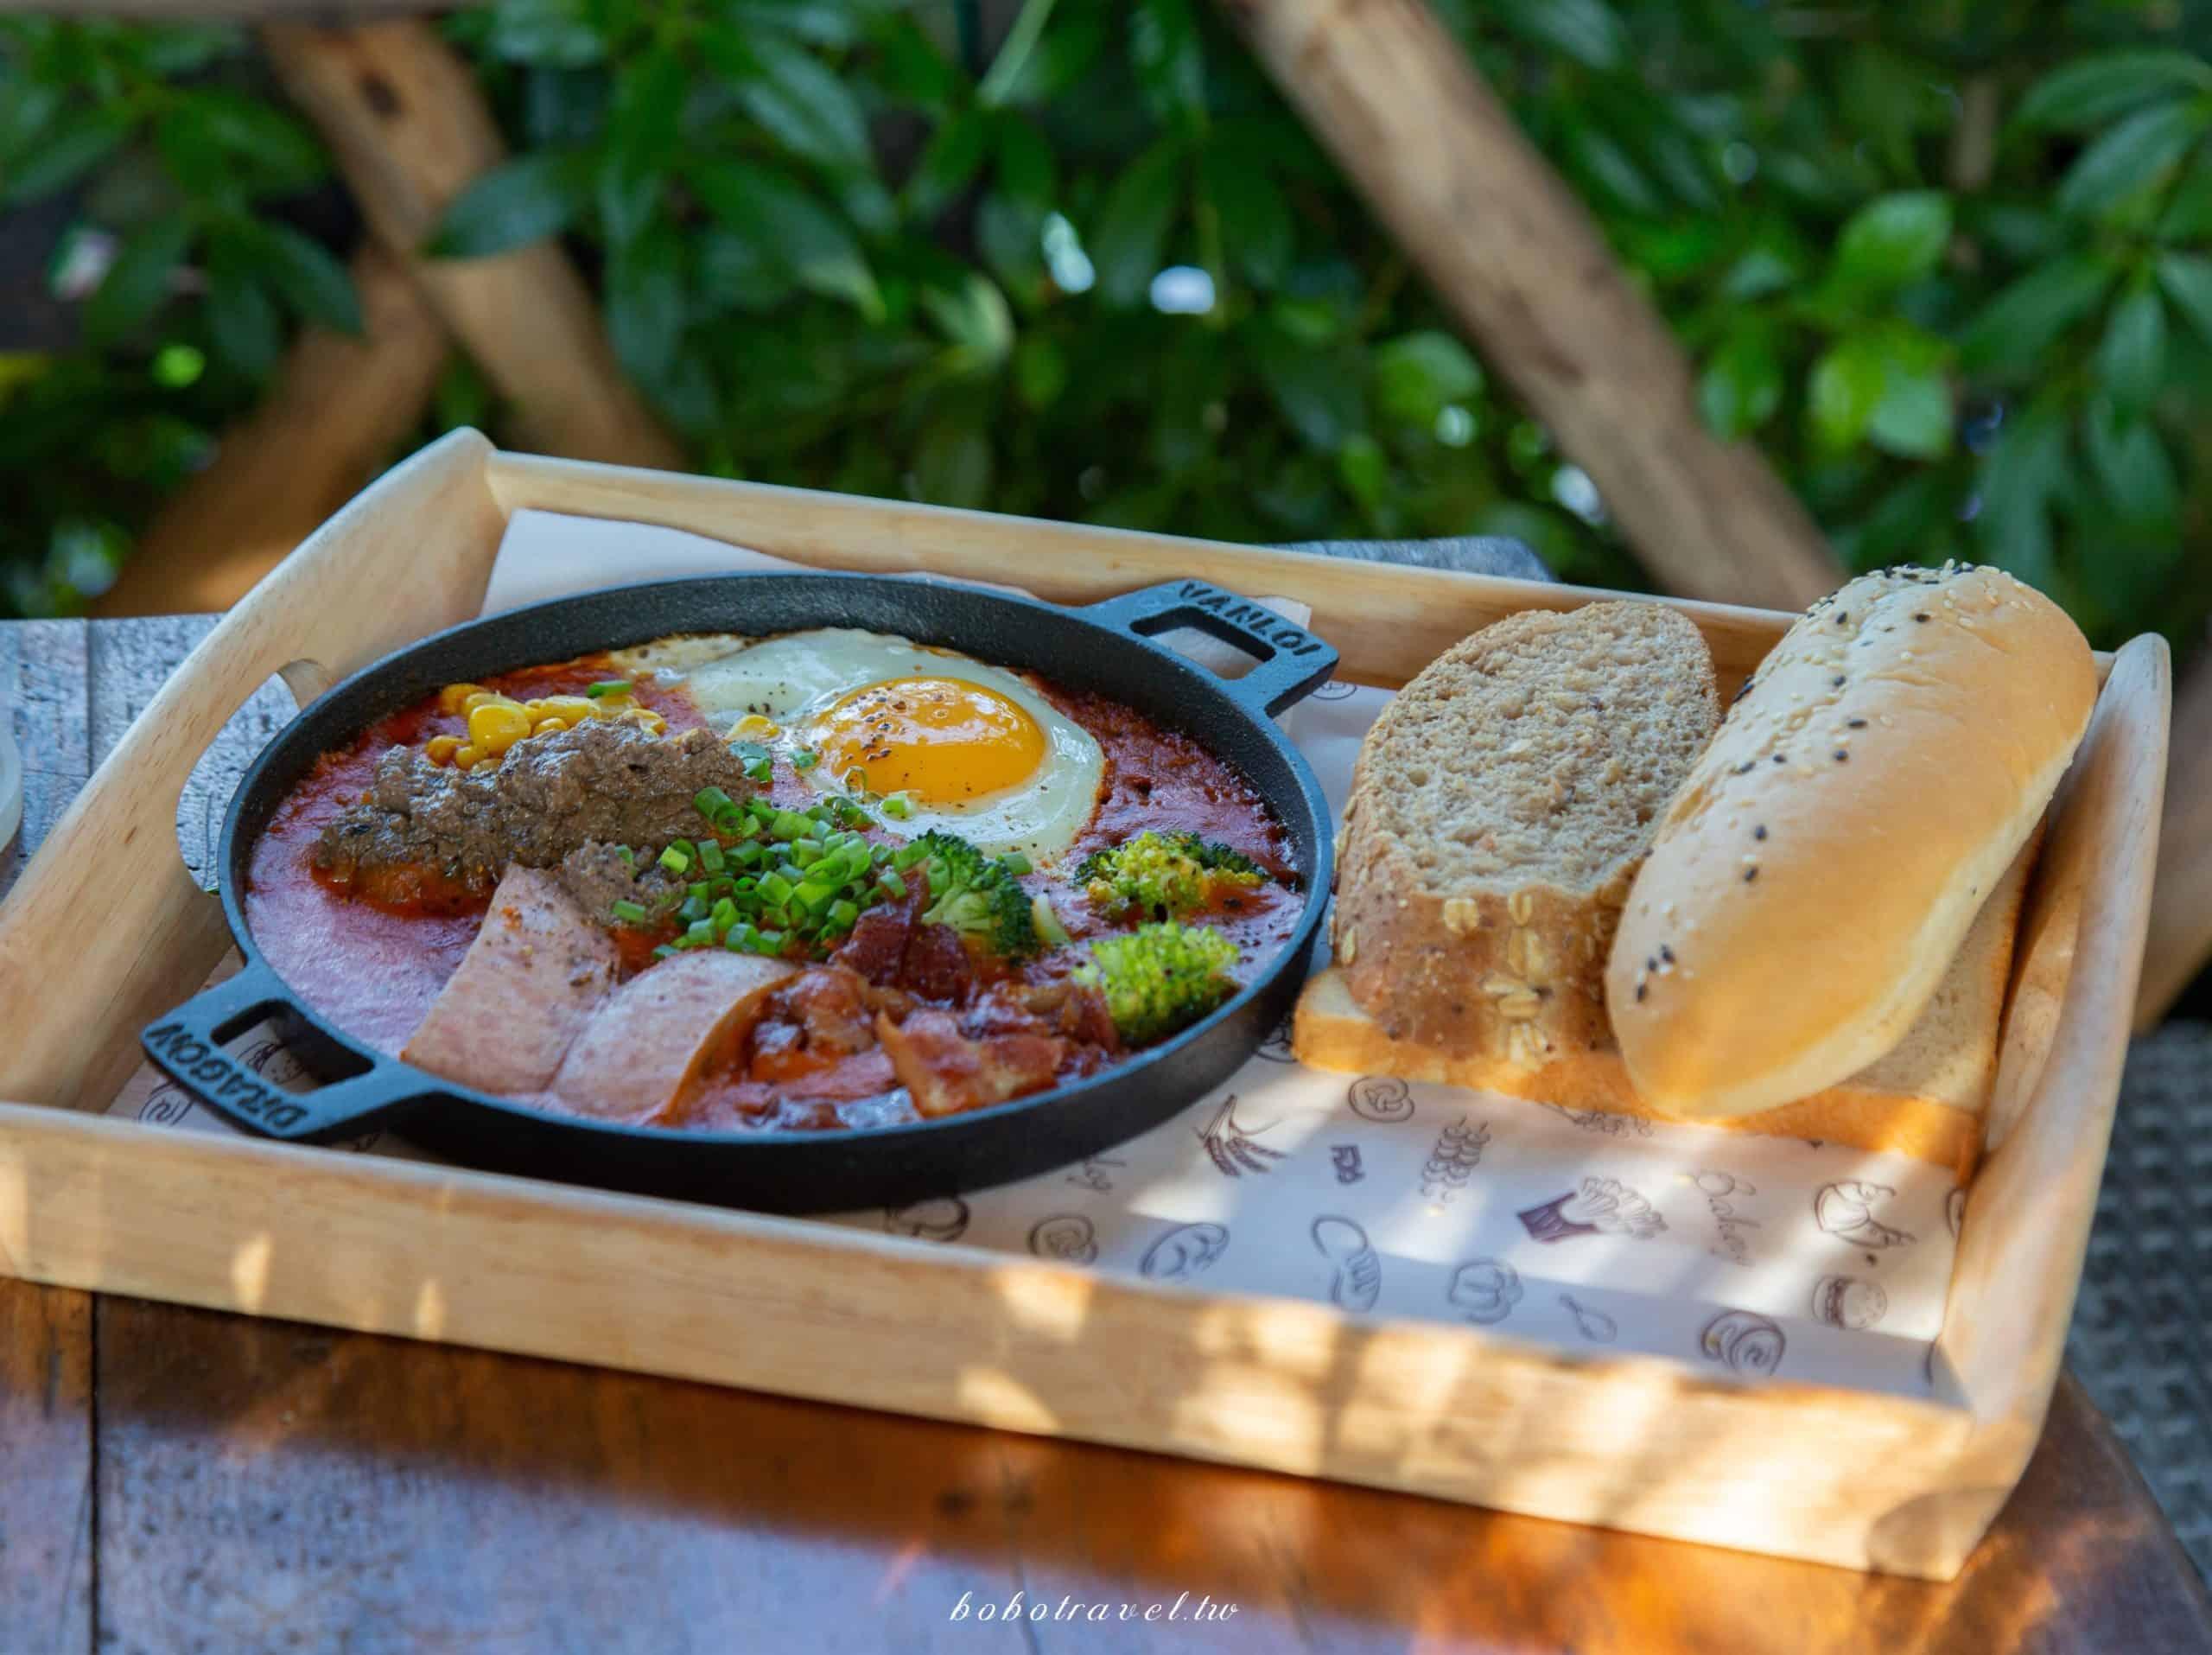 越南富國島美食、咖啡店|An Ba Cafe 早午餐,陪旅人渡過美好時光